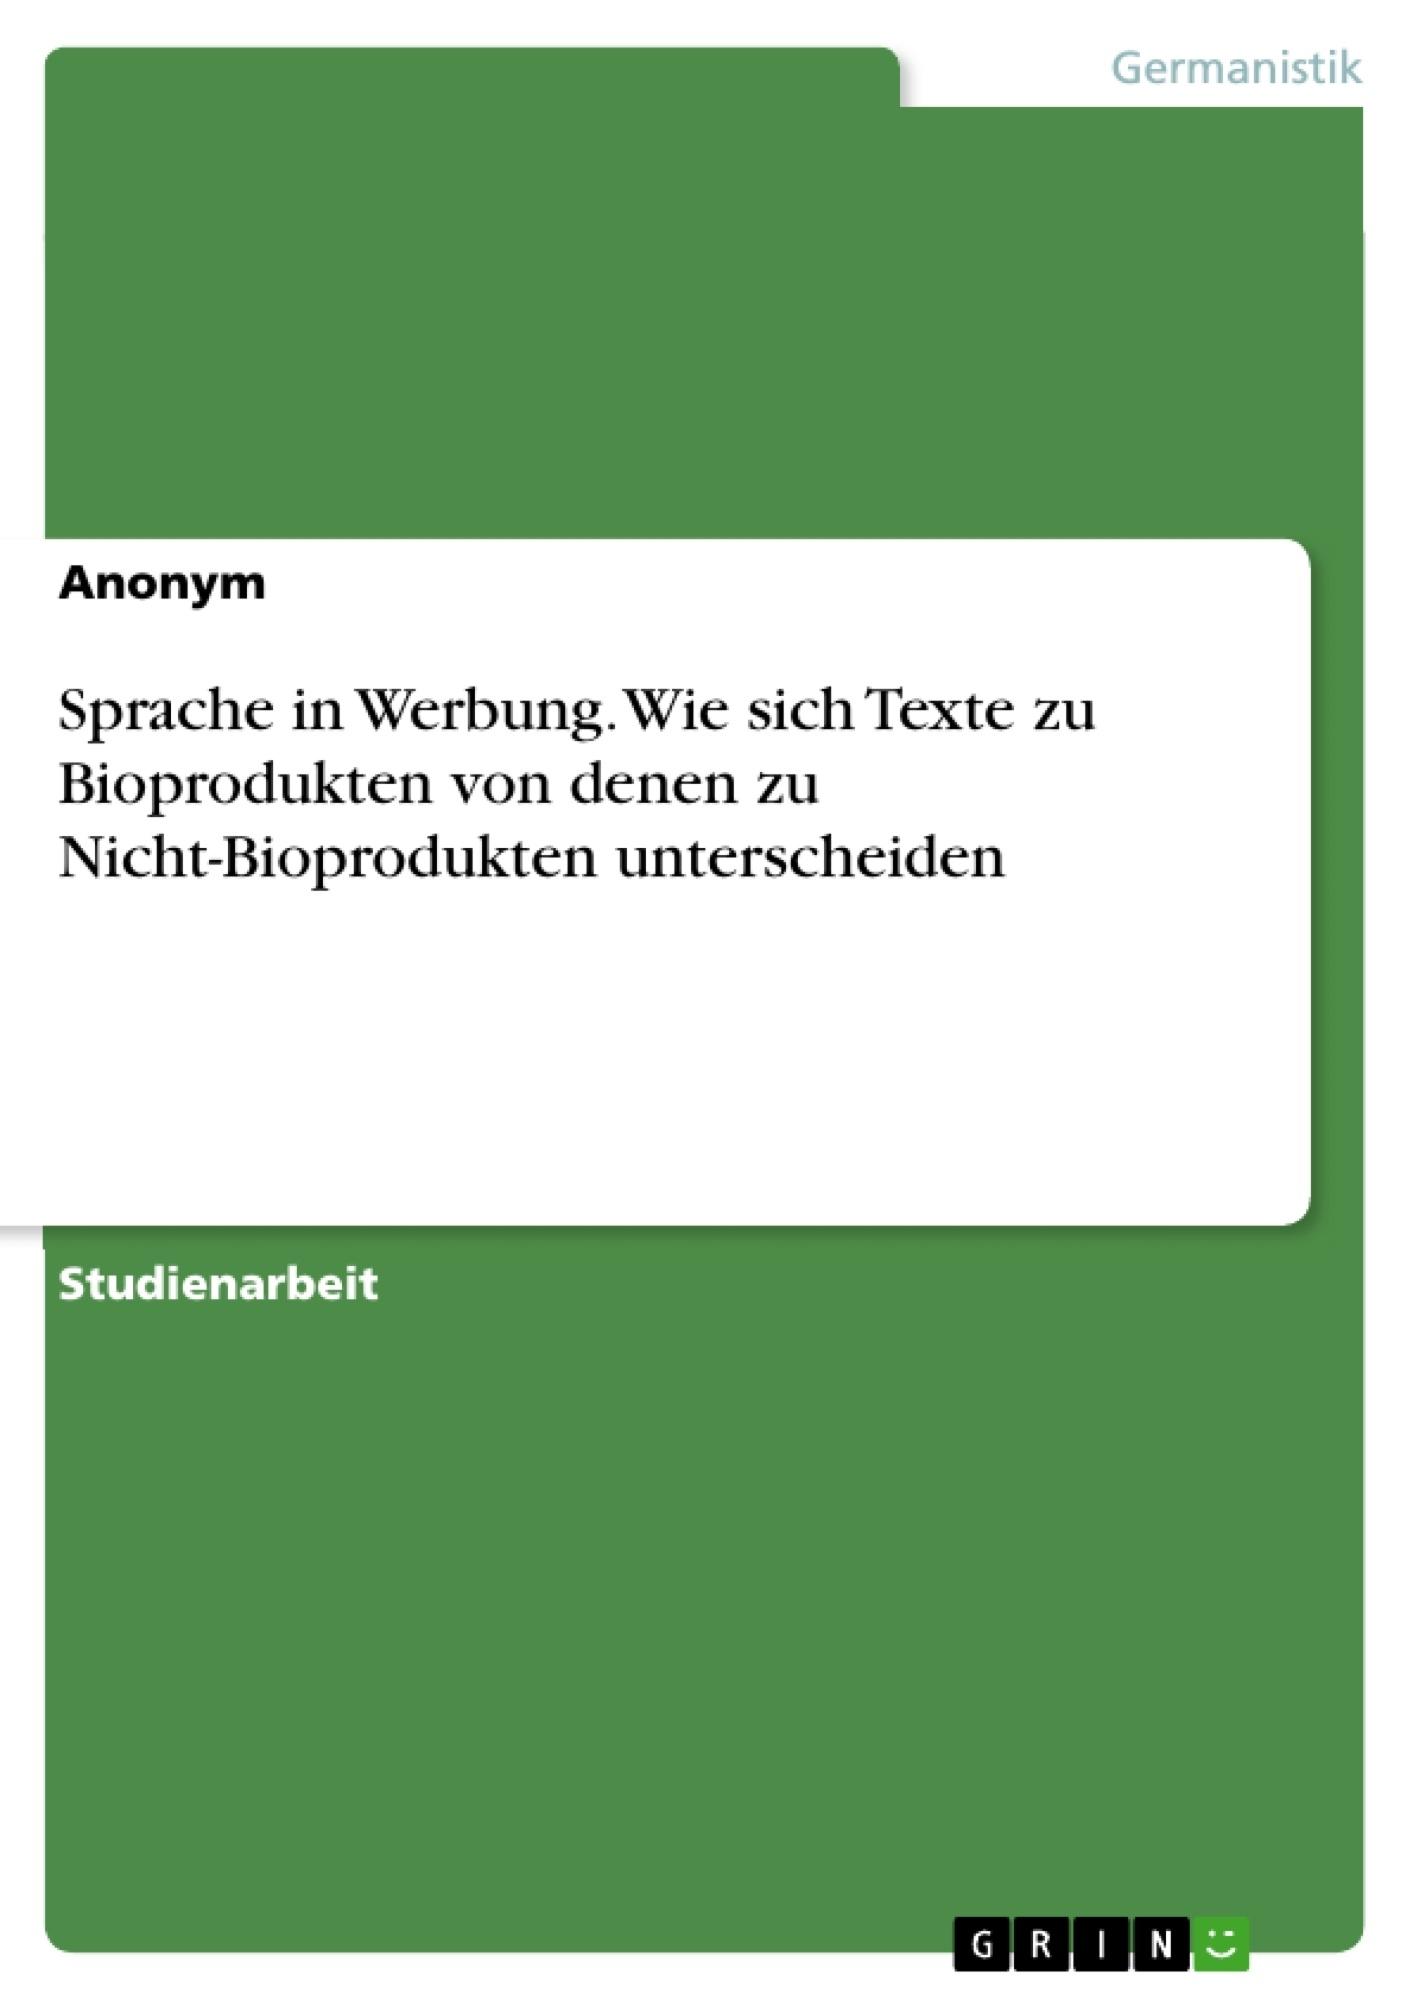 Titel: Sprache in Werbung. Wie sich Texte zu Bioprodukten von denen zu Nicht-Bioprodukten unterscheiden